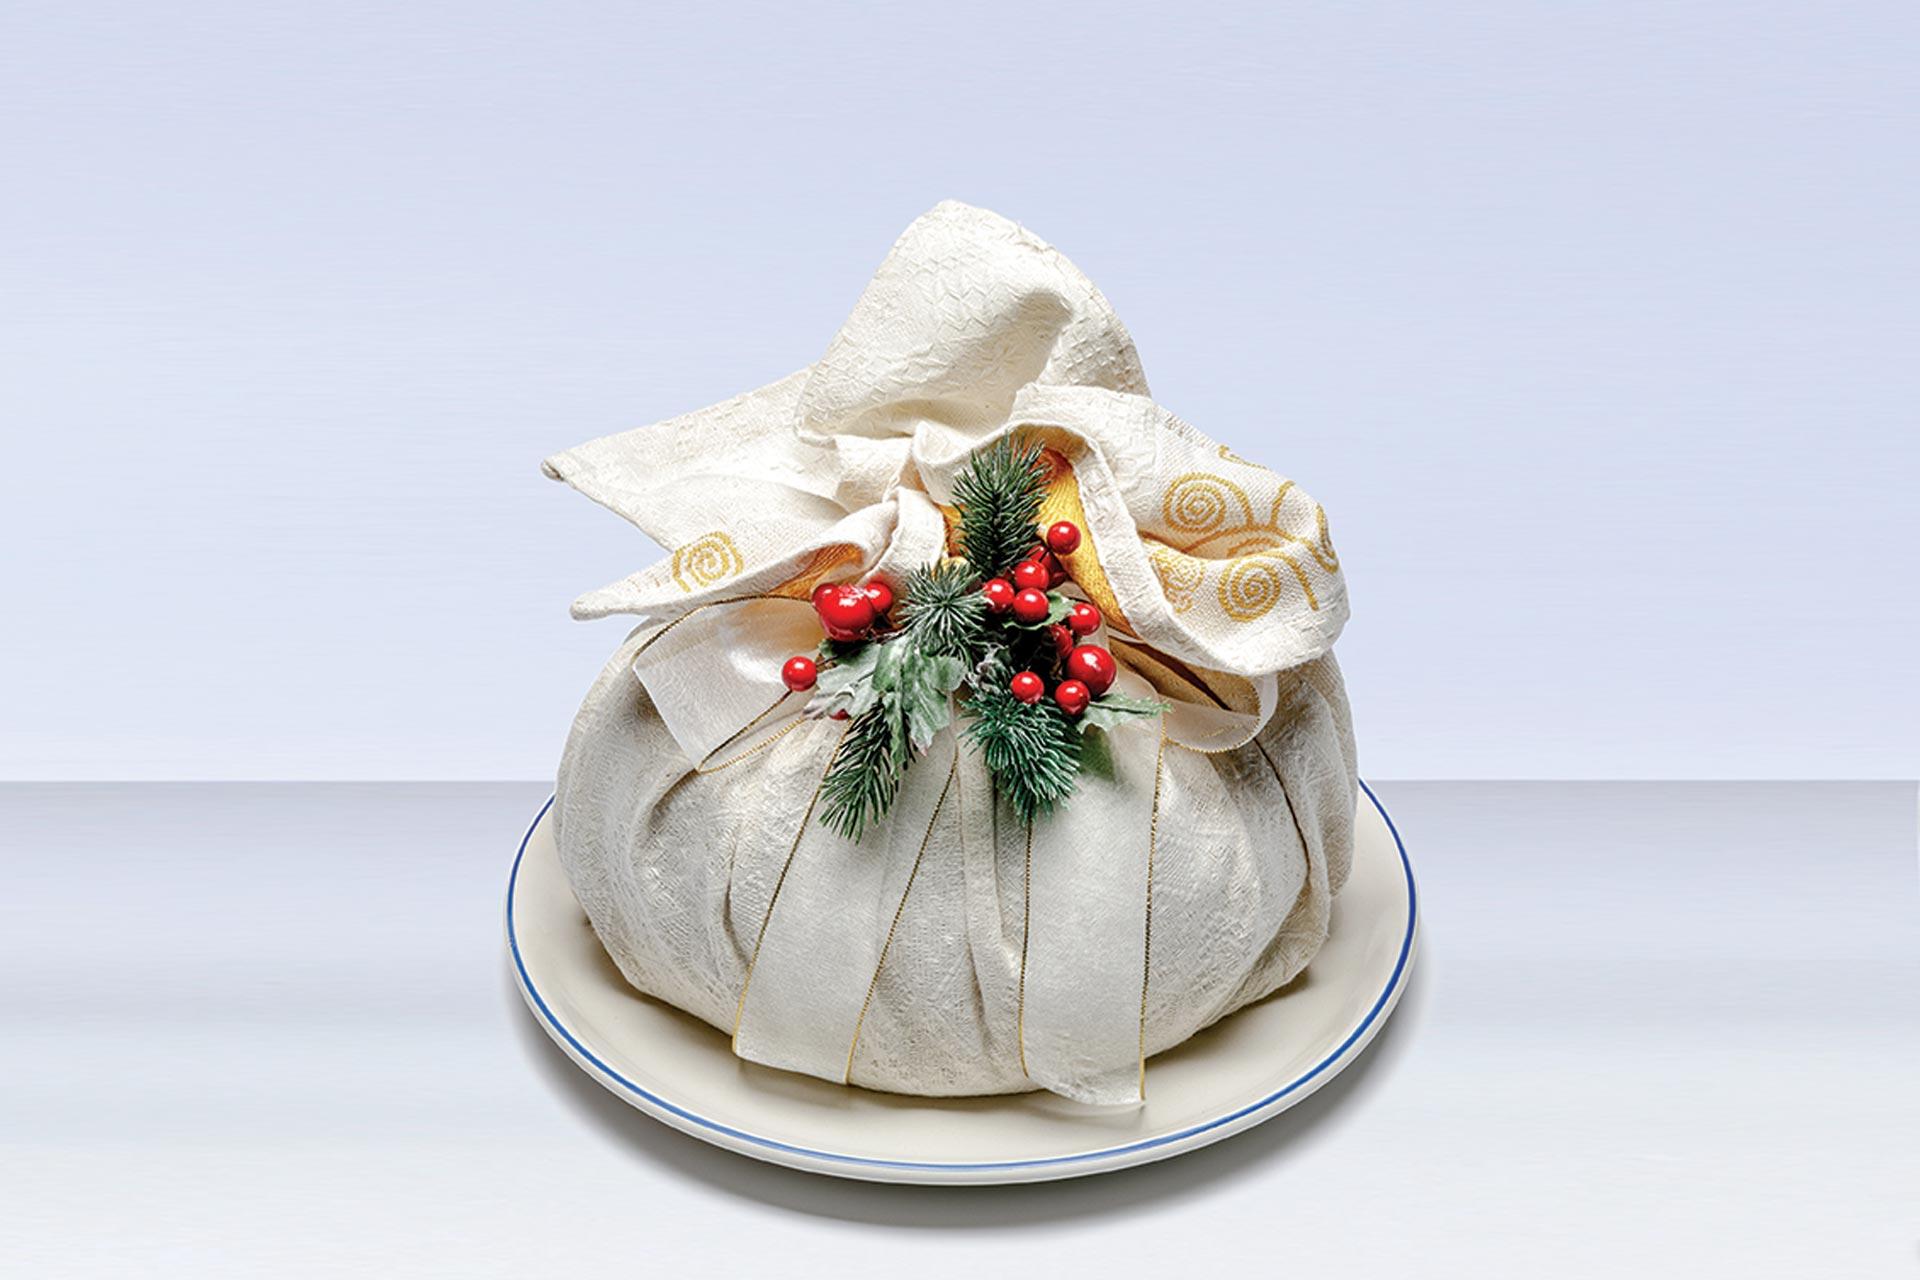 regali-natale-regalistica-porto-pino-sisula-specialita-sardegna-cagliari